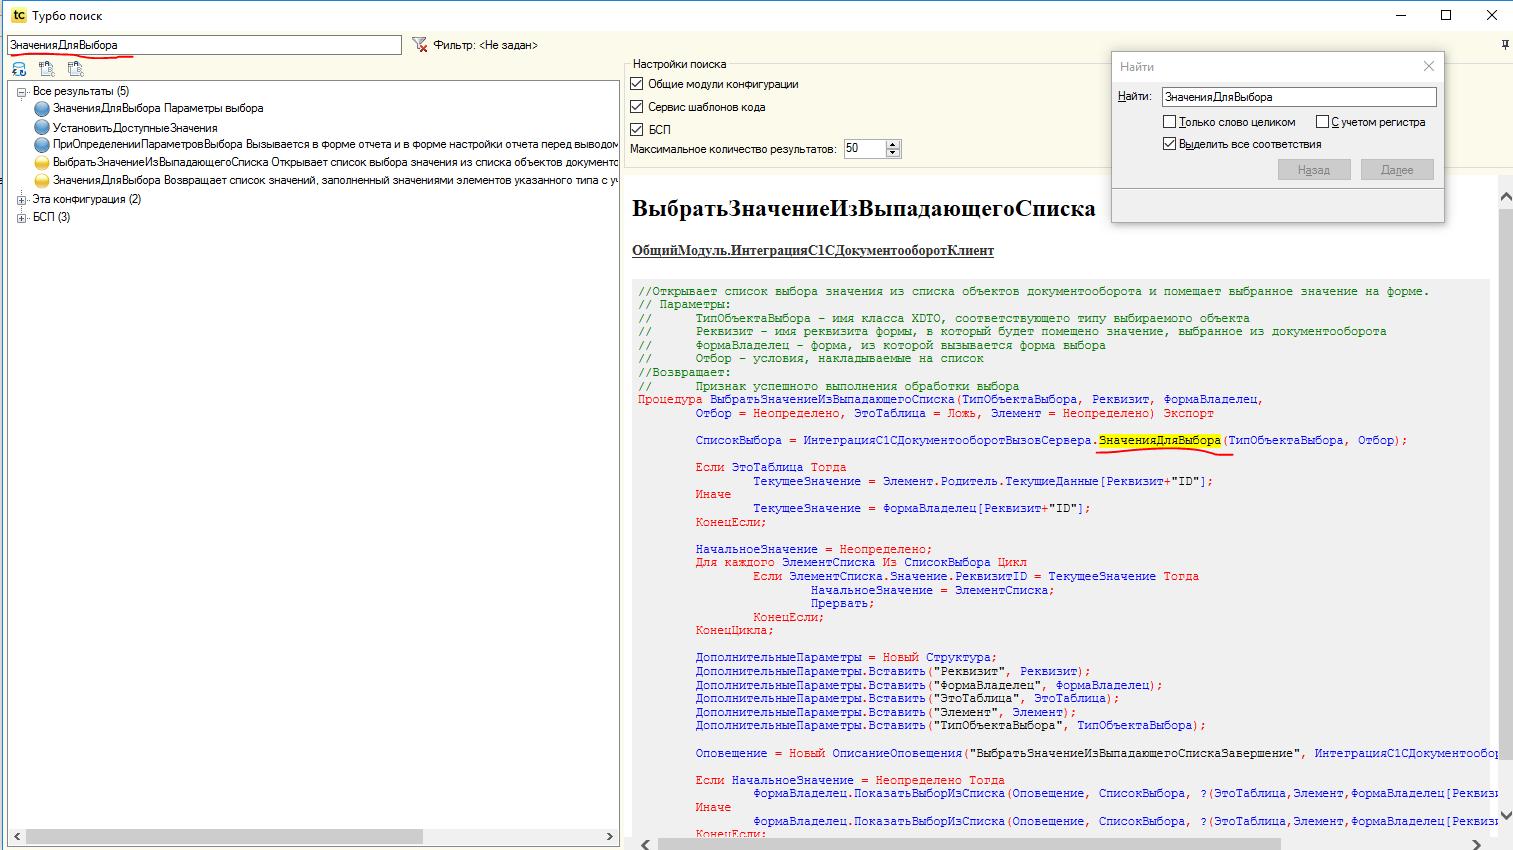 Image https://turboconf.ru/Content/Files/D4416CF5F9BCD73DF6B940867DDF2999EA89409D/%D0%A1%D0%BD%D0%B8%D0%BC%D0%BE%D0%BA.PNG